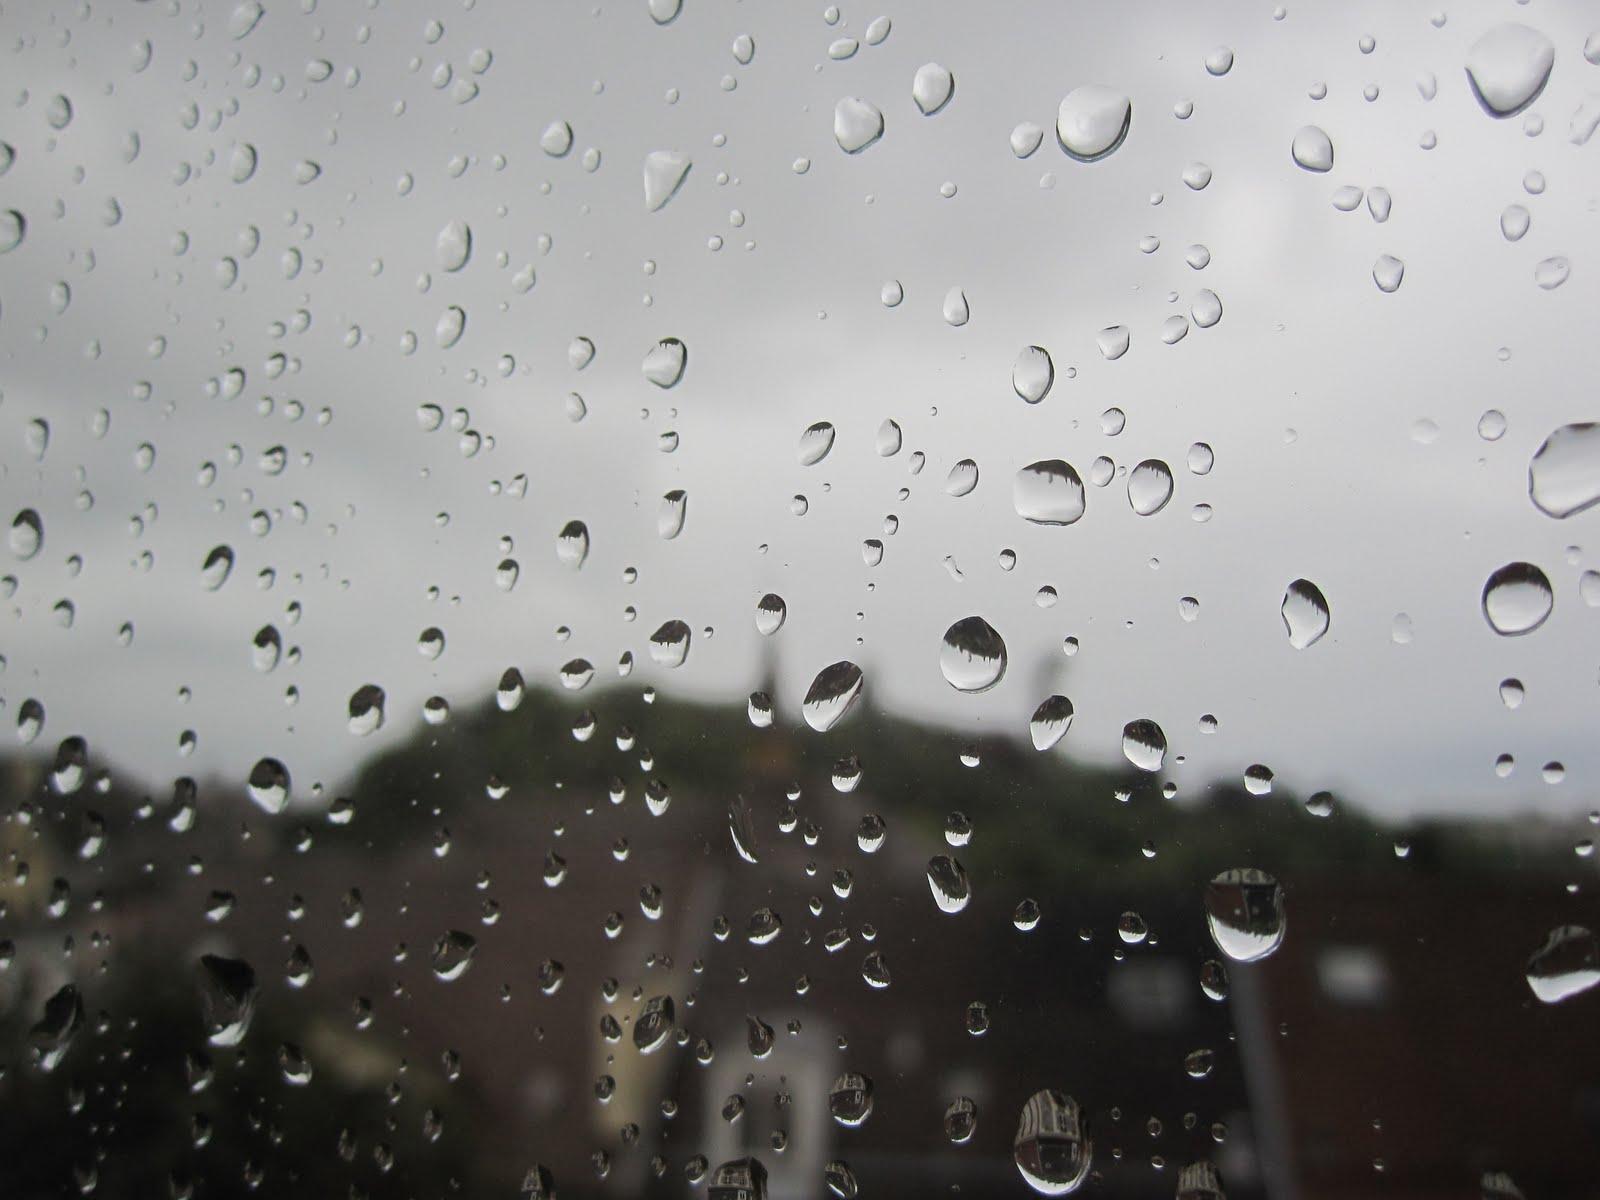 aufbruch in mein neues leben regen regen regen sie sich nicht auf. Black Bedroom Furniture Sets. Home Design Ideas